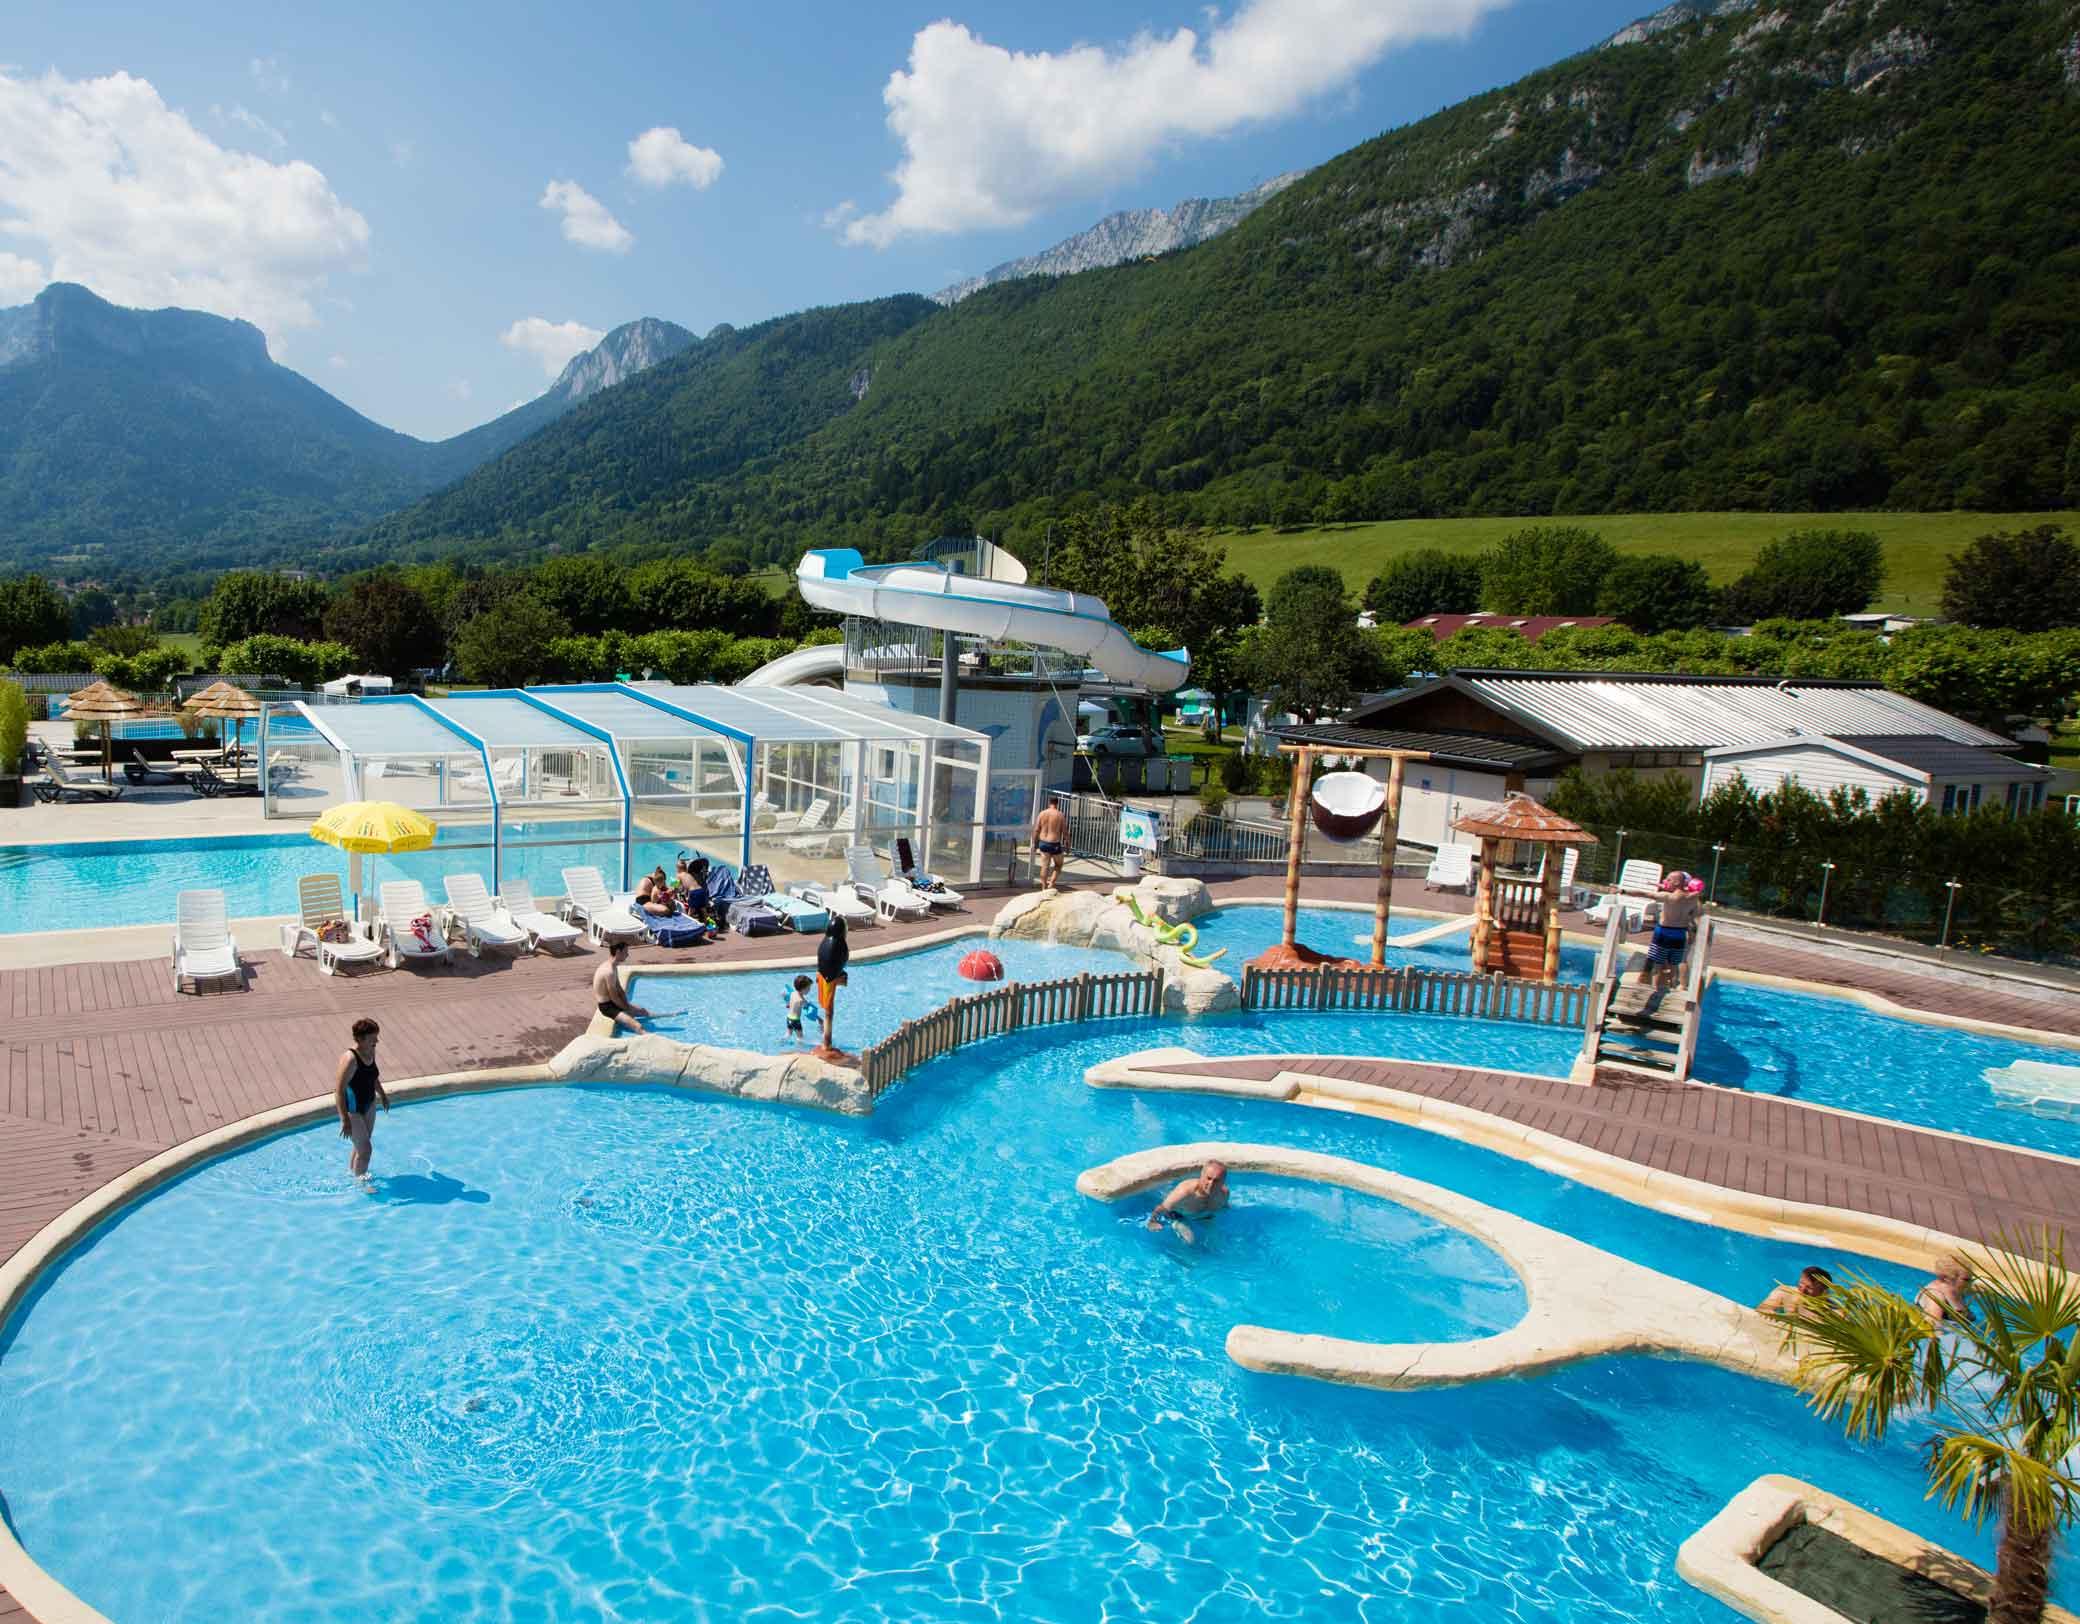 Camping L'idéal - Savoie Mont Blanc (Savoie Et Haute Savoie ... intérieur Camping Chamonix Avec Piscine